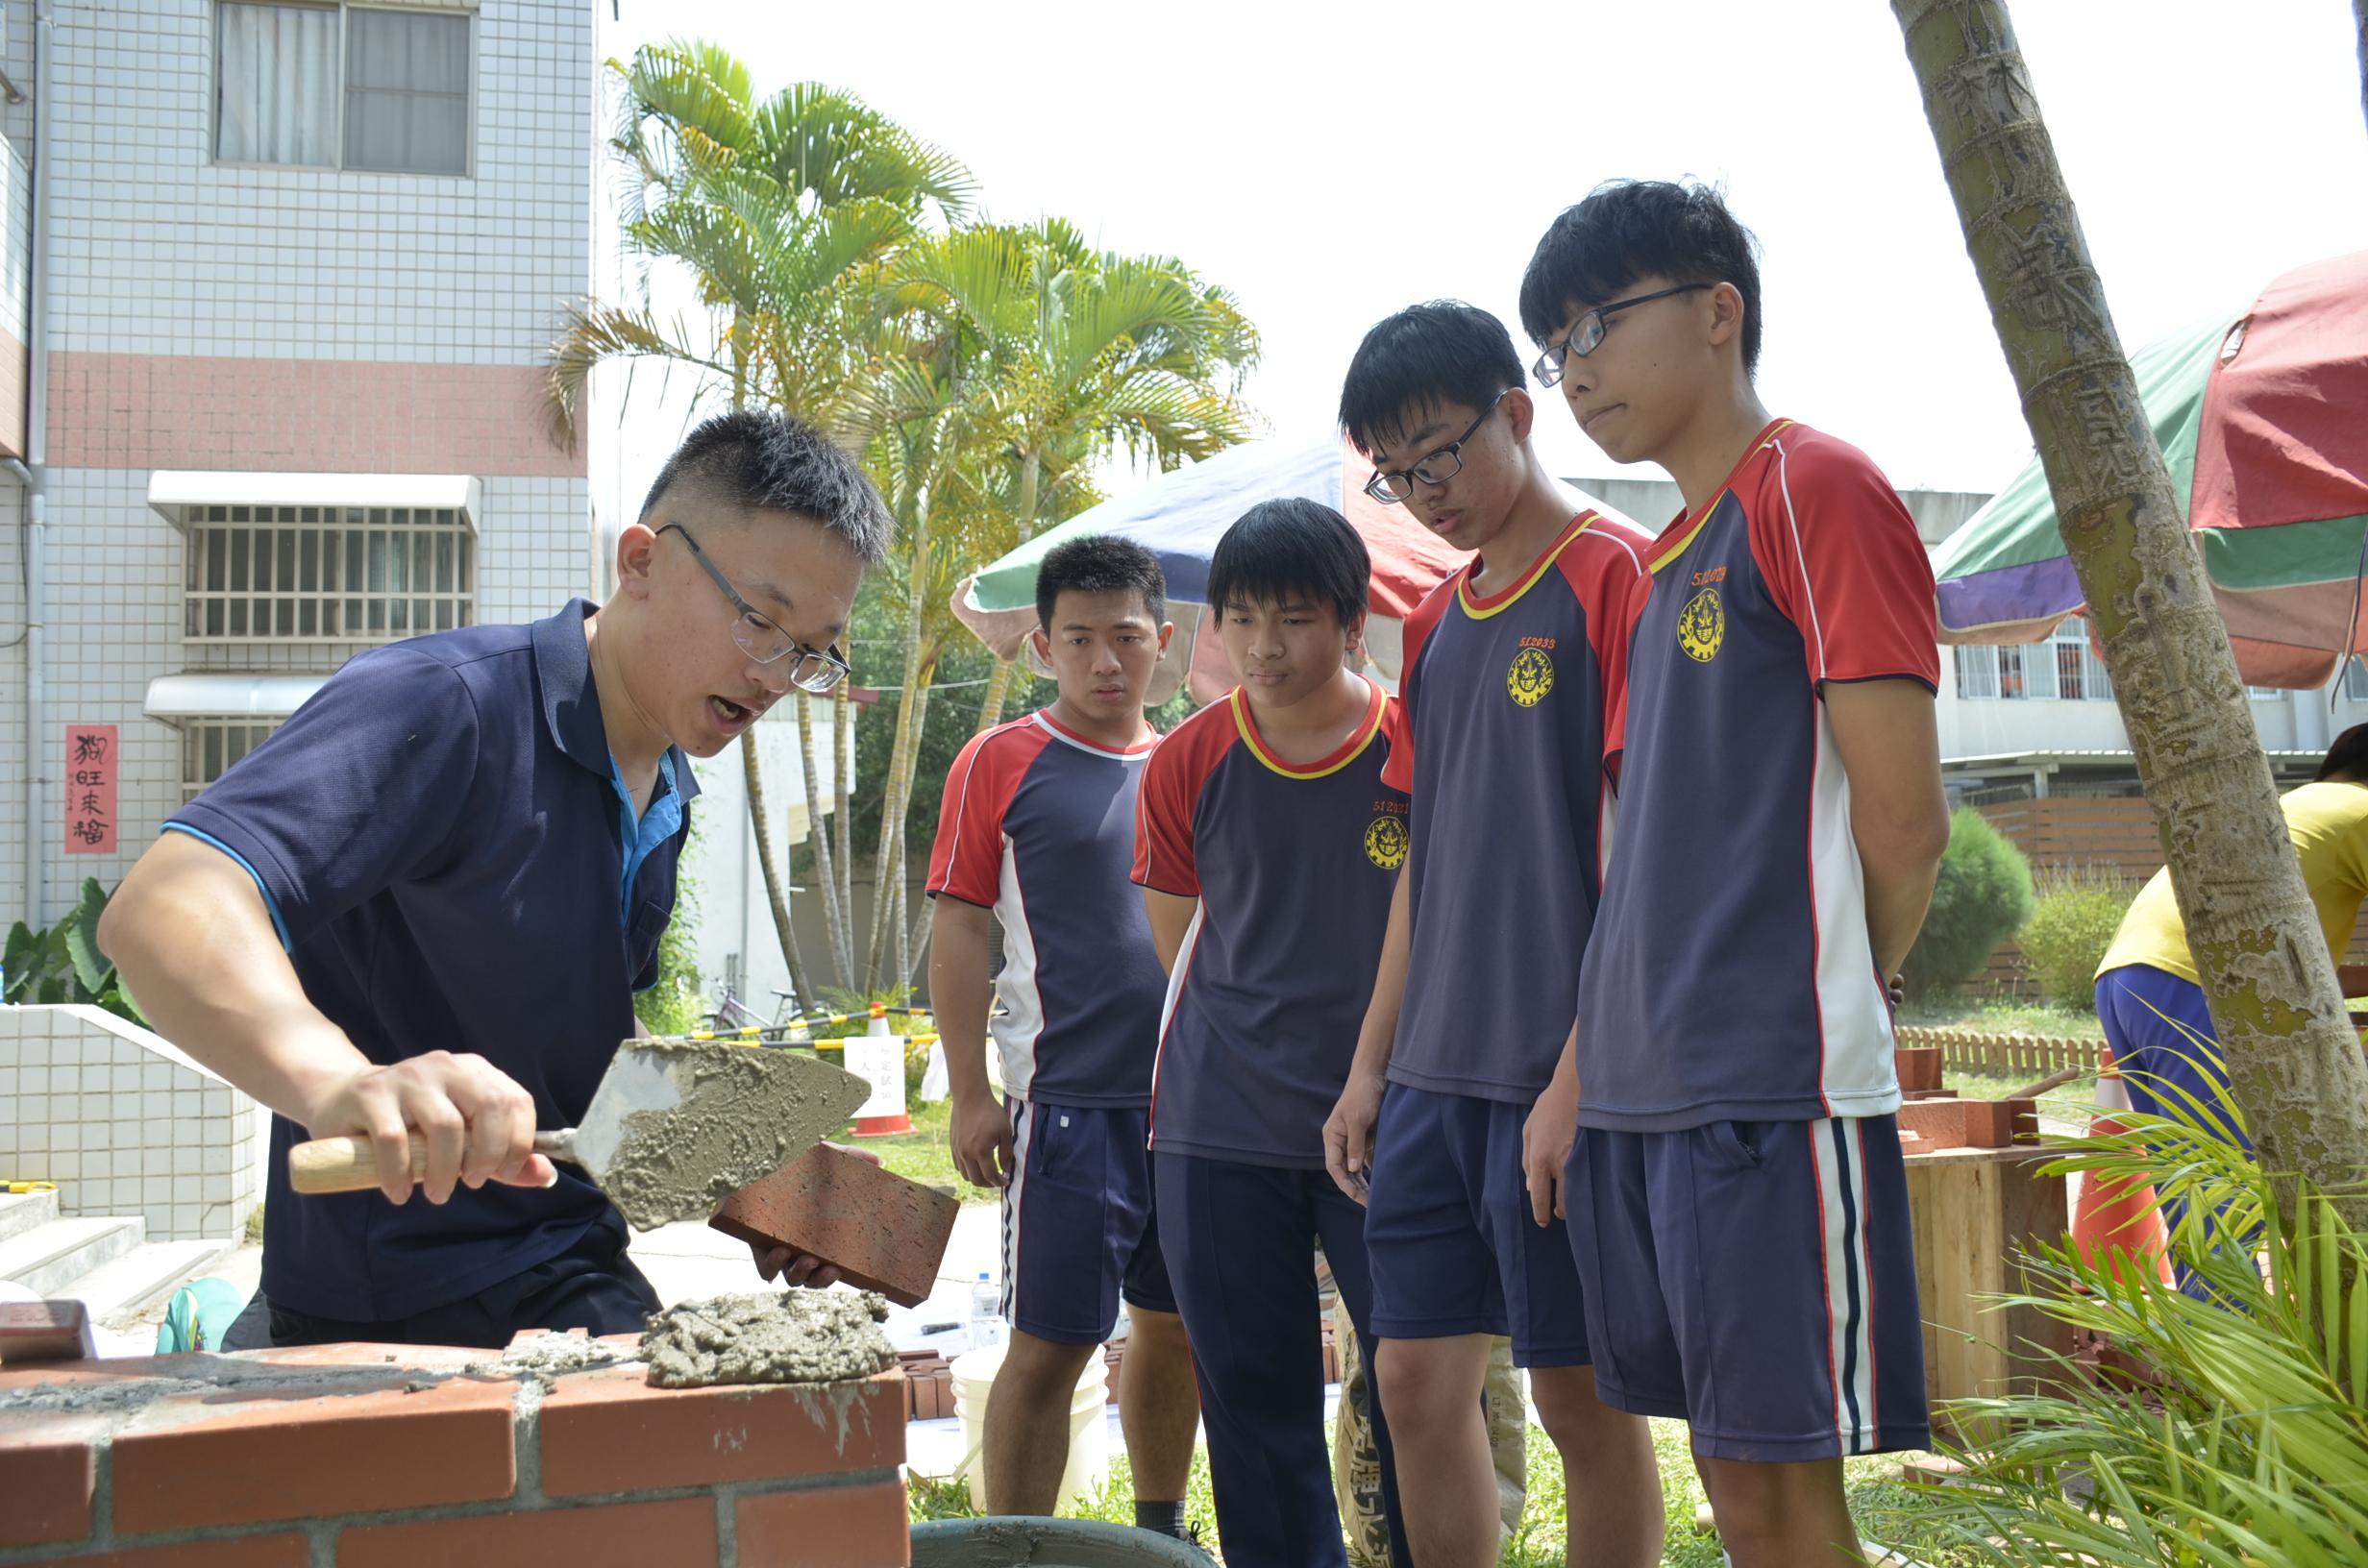 ▲砌磚國手周承誼指導學生磚塊疊砌。